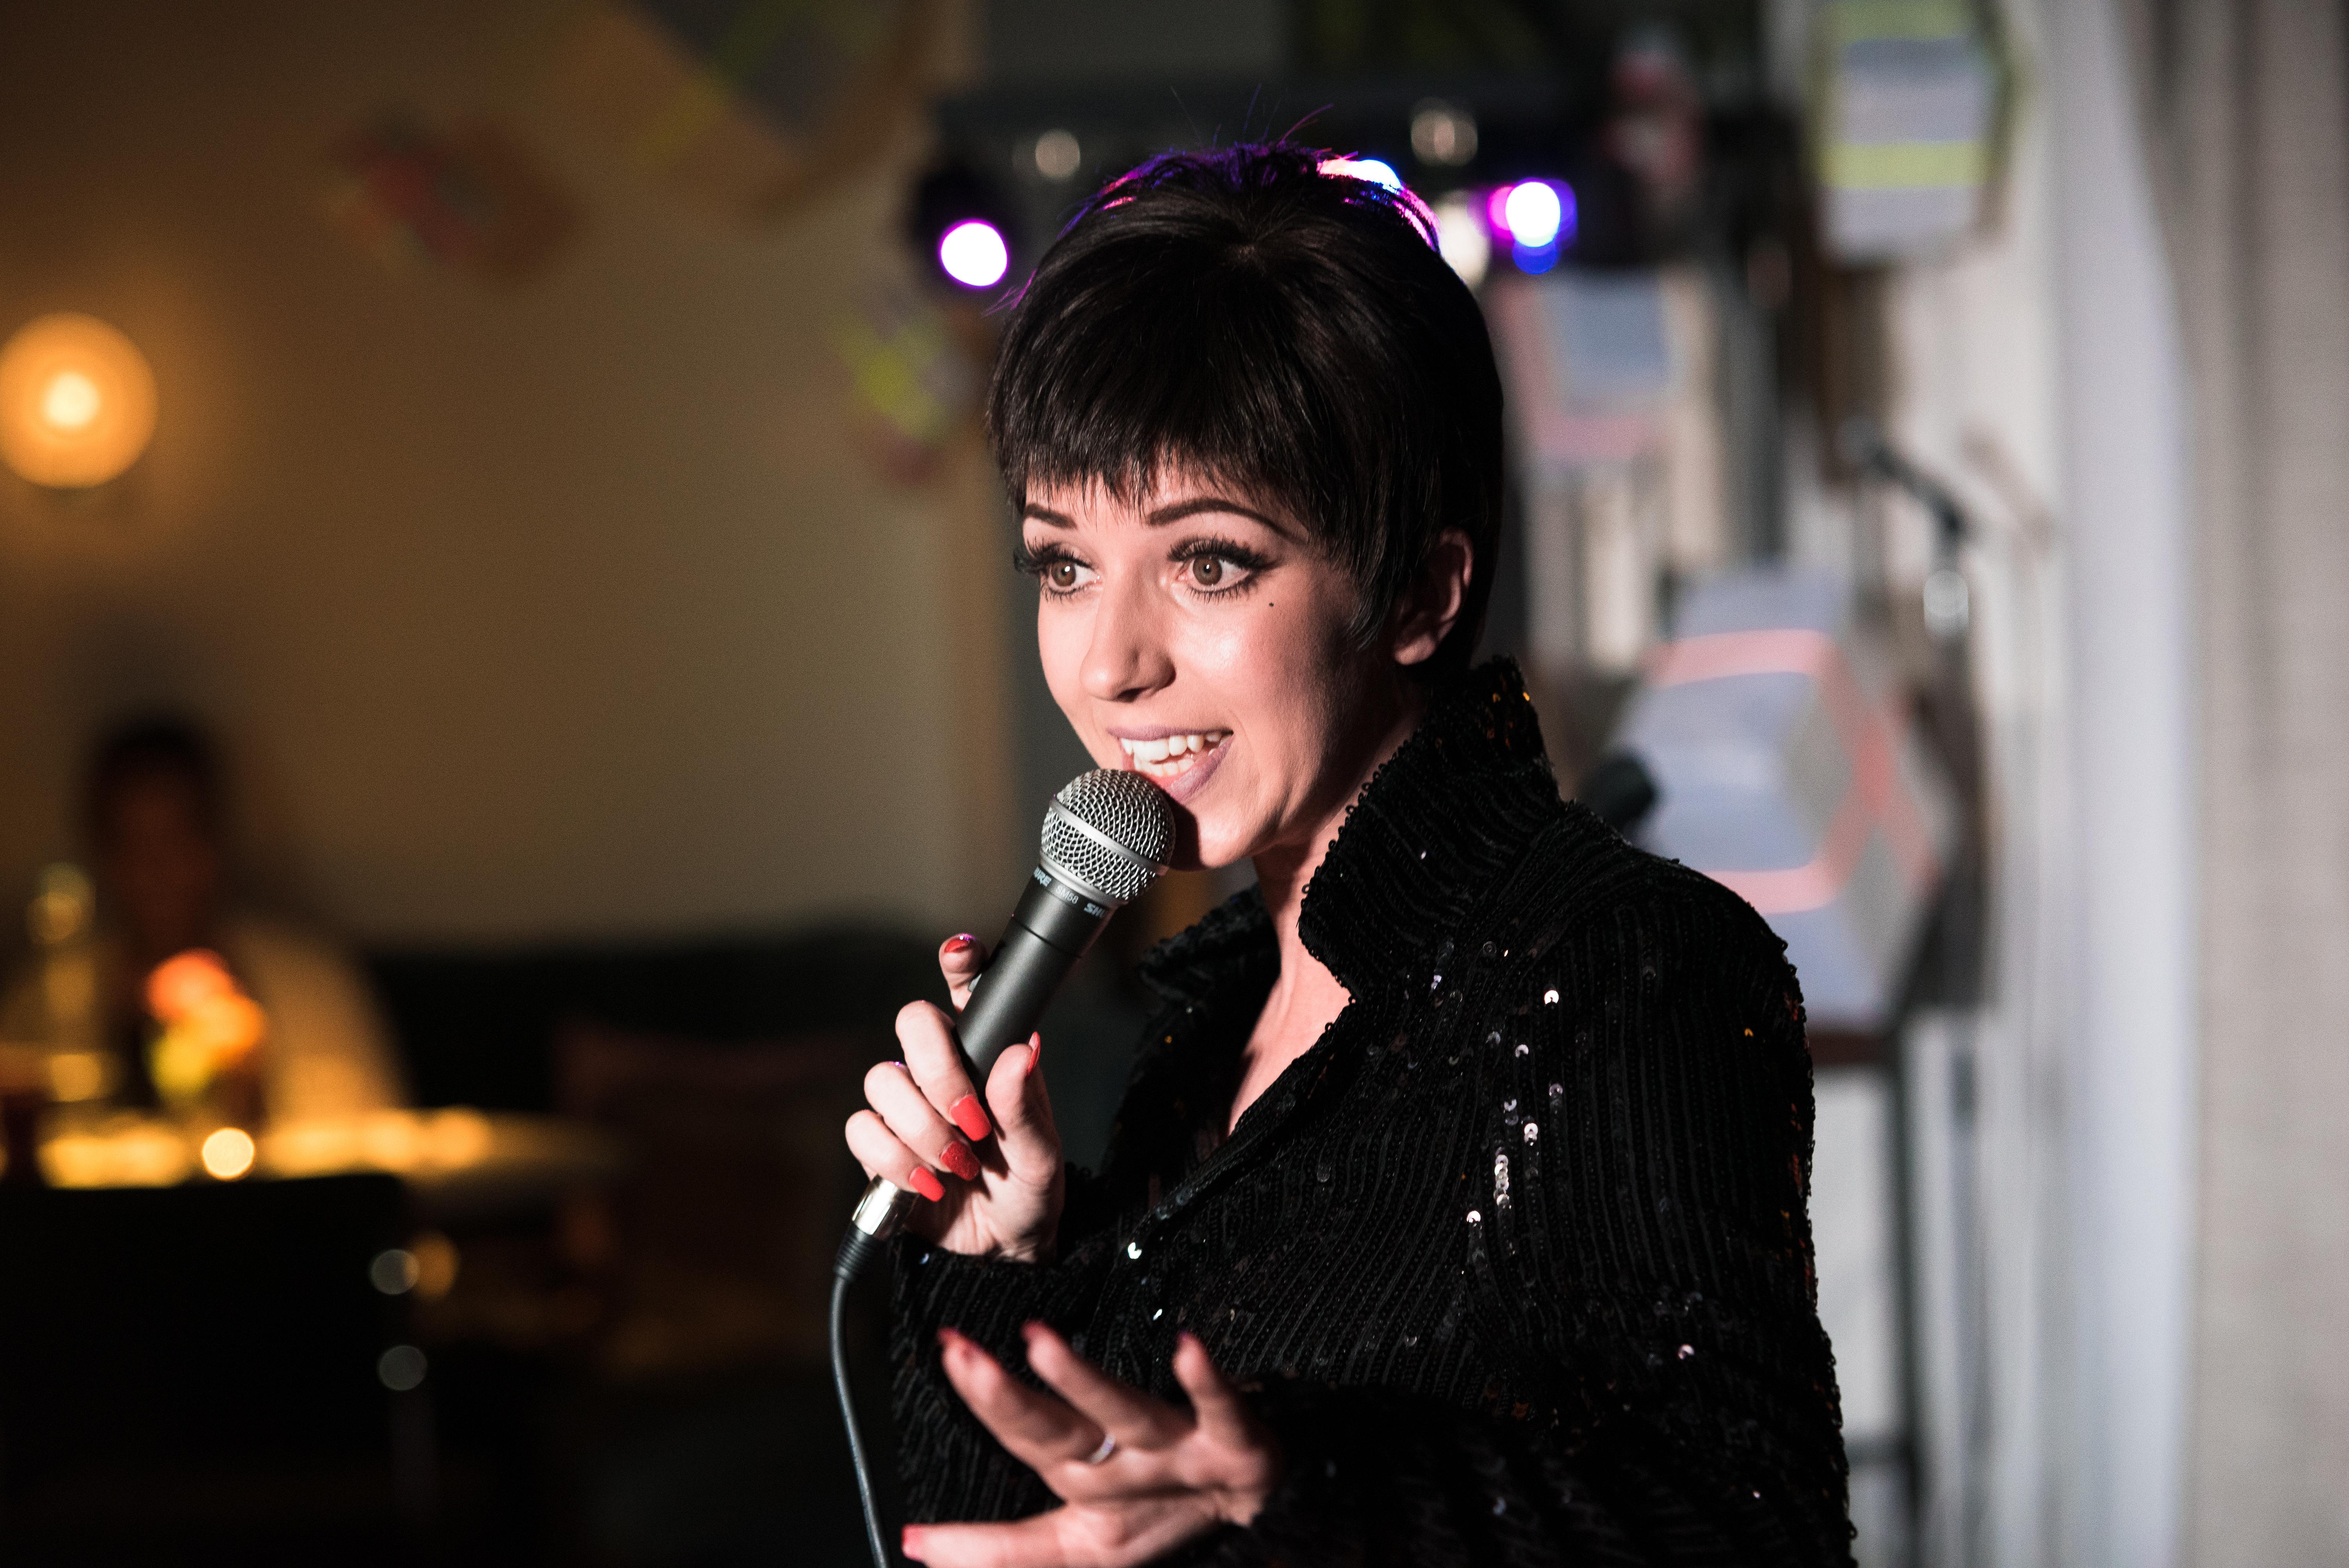 Maria Lara as Liza Minnelli